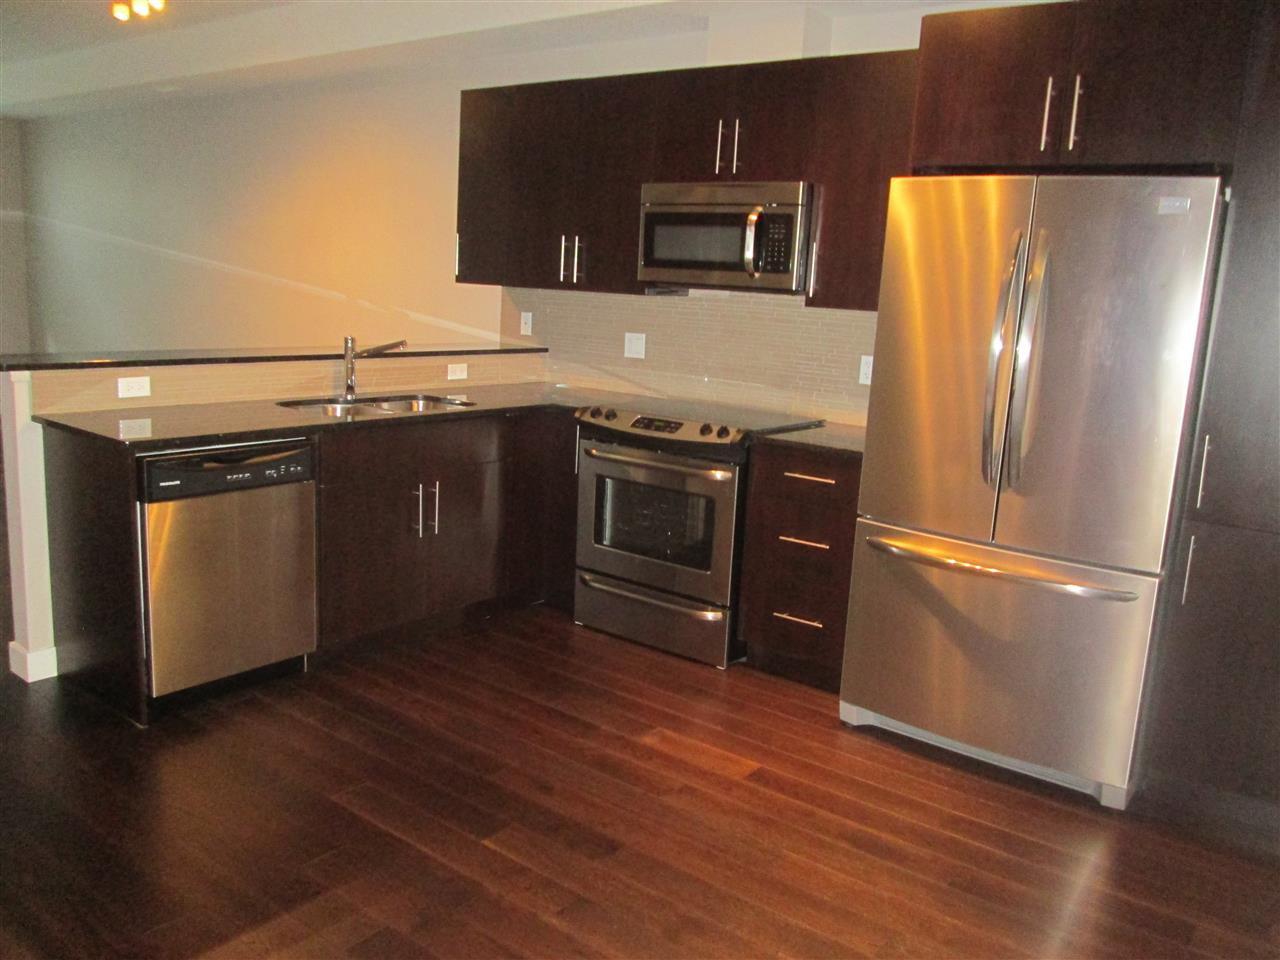 Main Photo: 205 10811 72 Avenue in Edmonton: Zone 15 Condo for sale : MLS®# E4195466